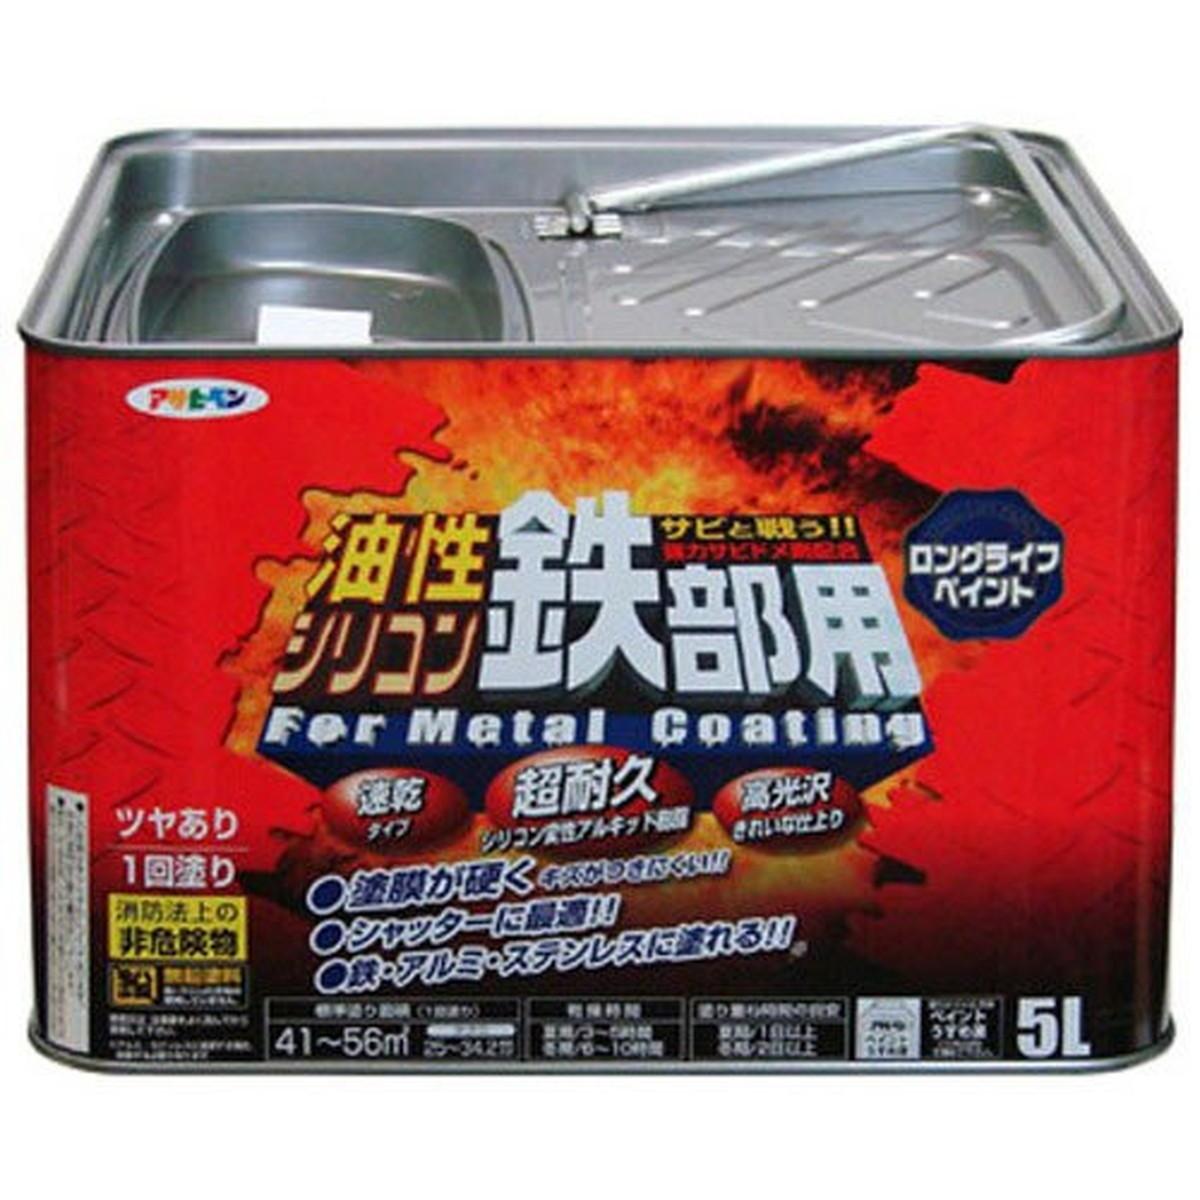 アサヒペン 油性シリコン鉄部用 5L 黒【クーポン配布中】